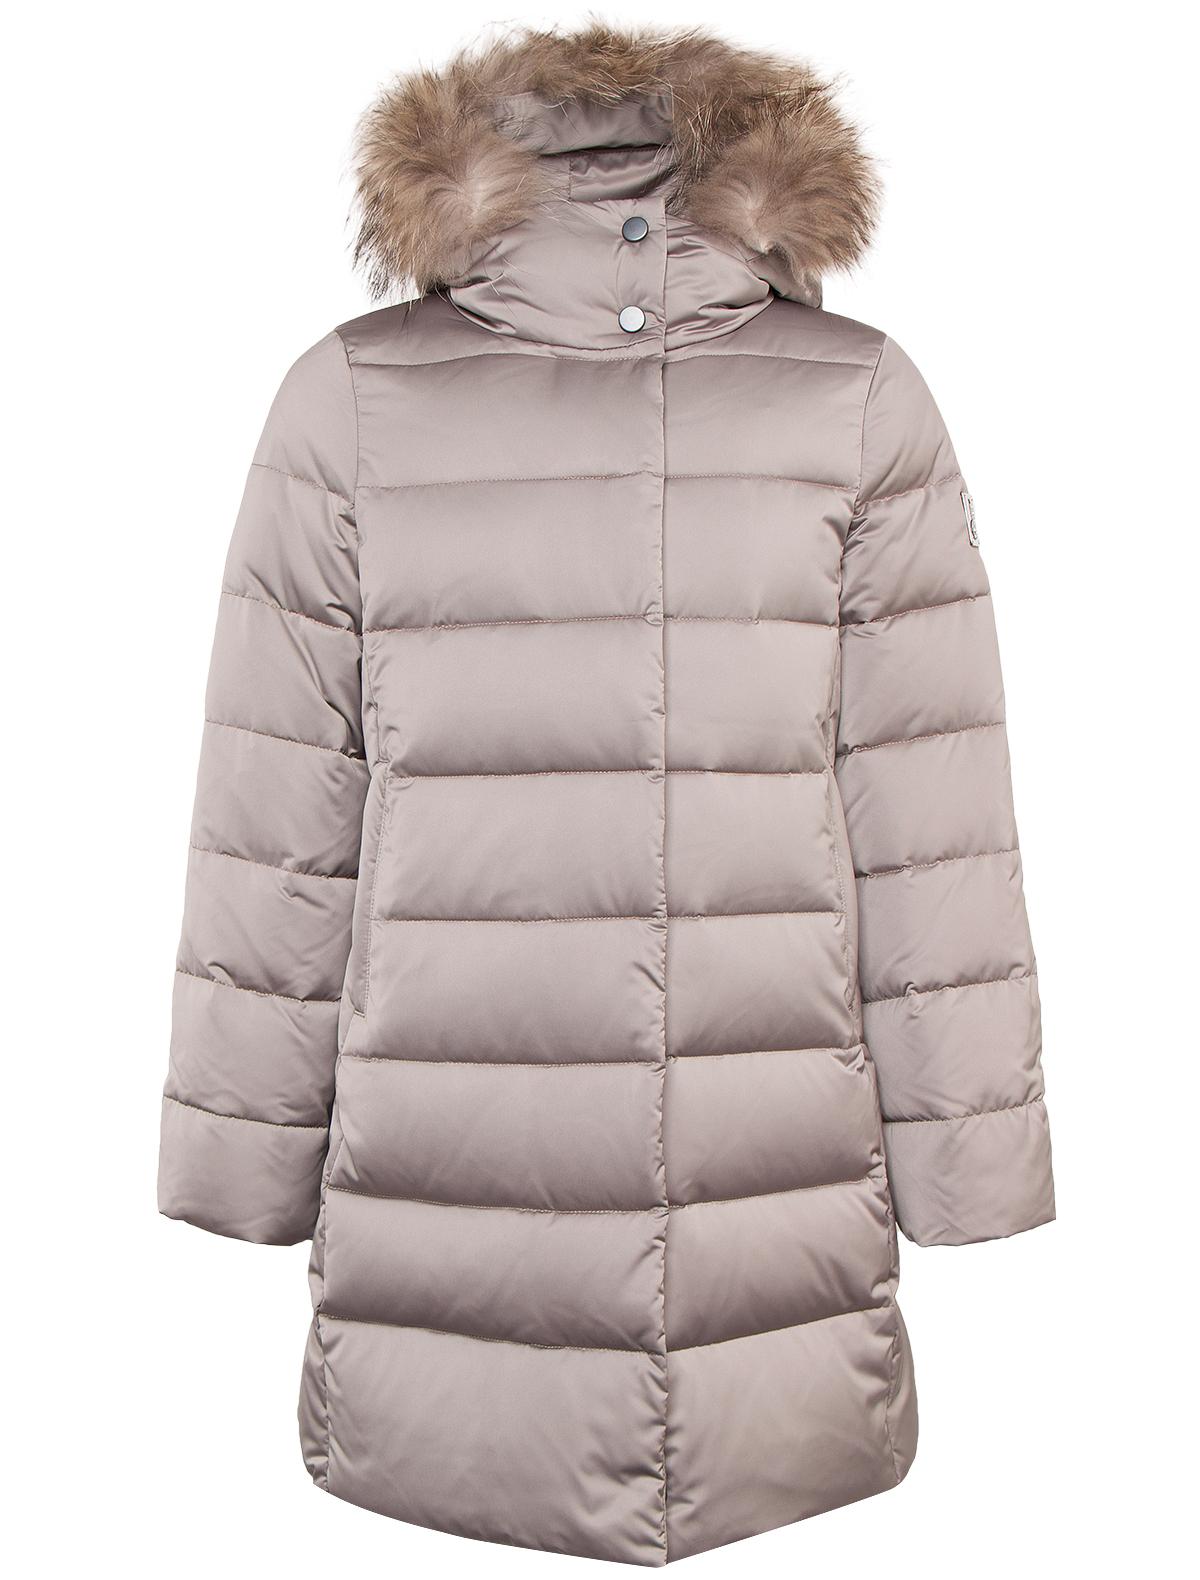 Купить 1879931, Пальто Jums Kids, серый, Женский, 1121709780112